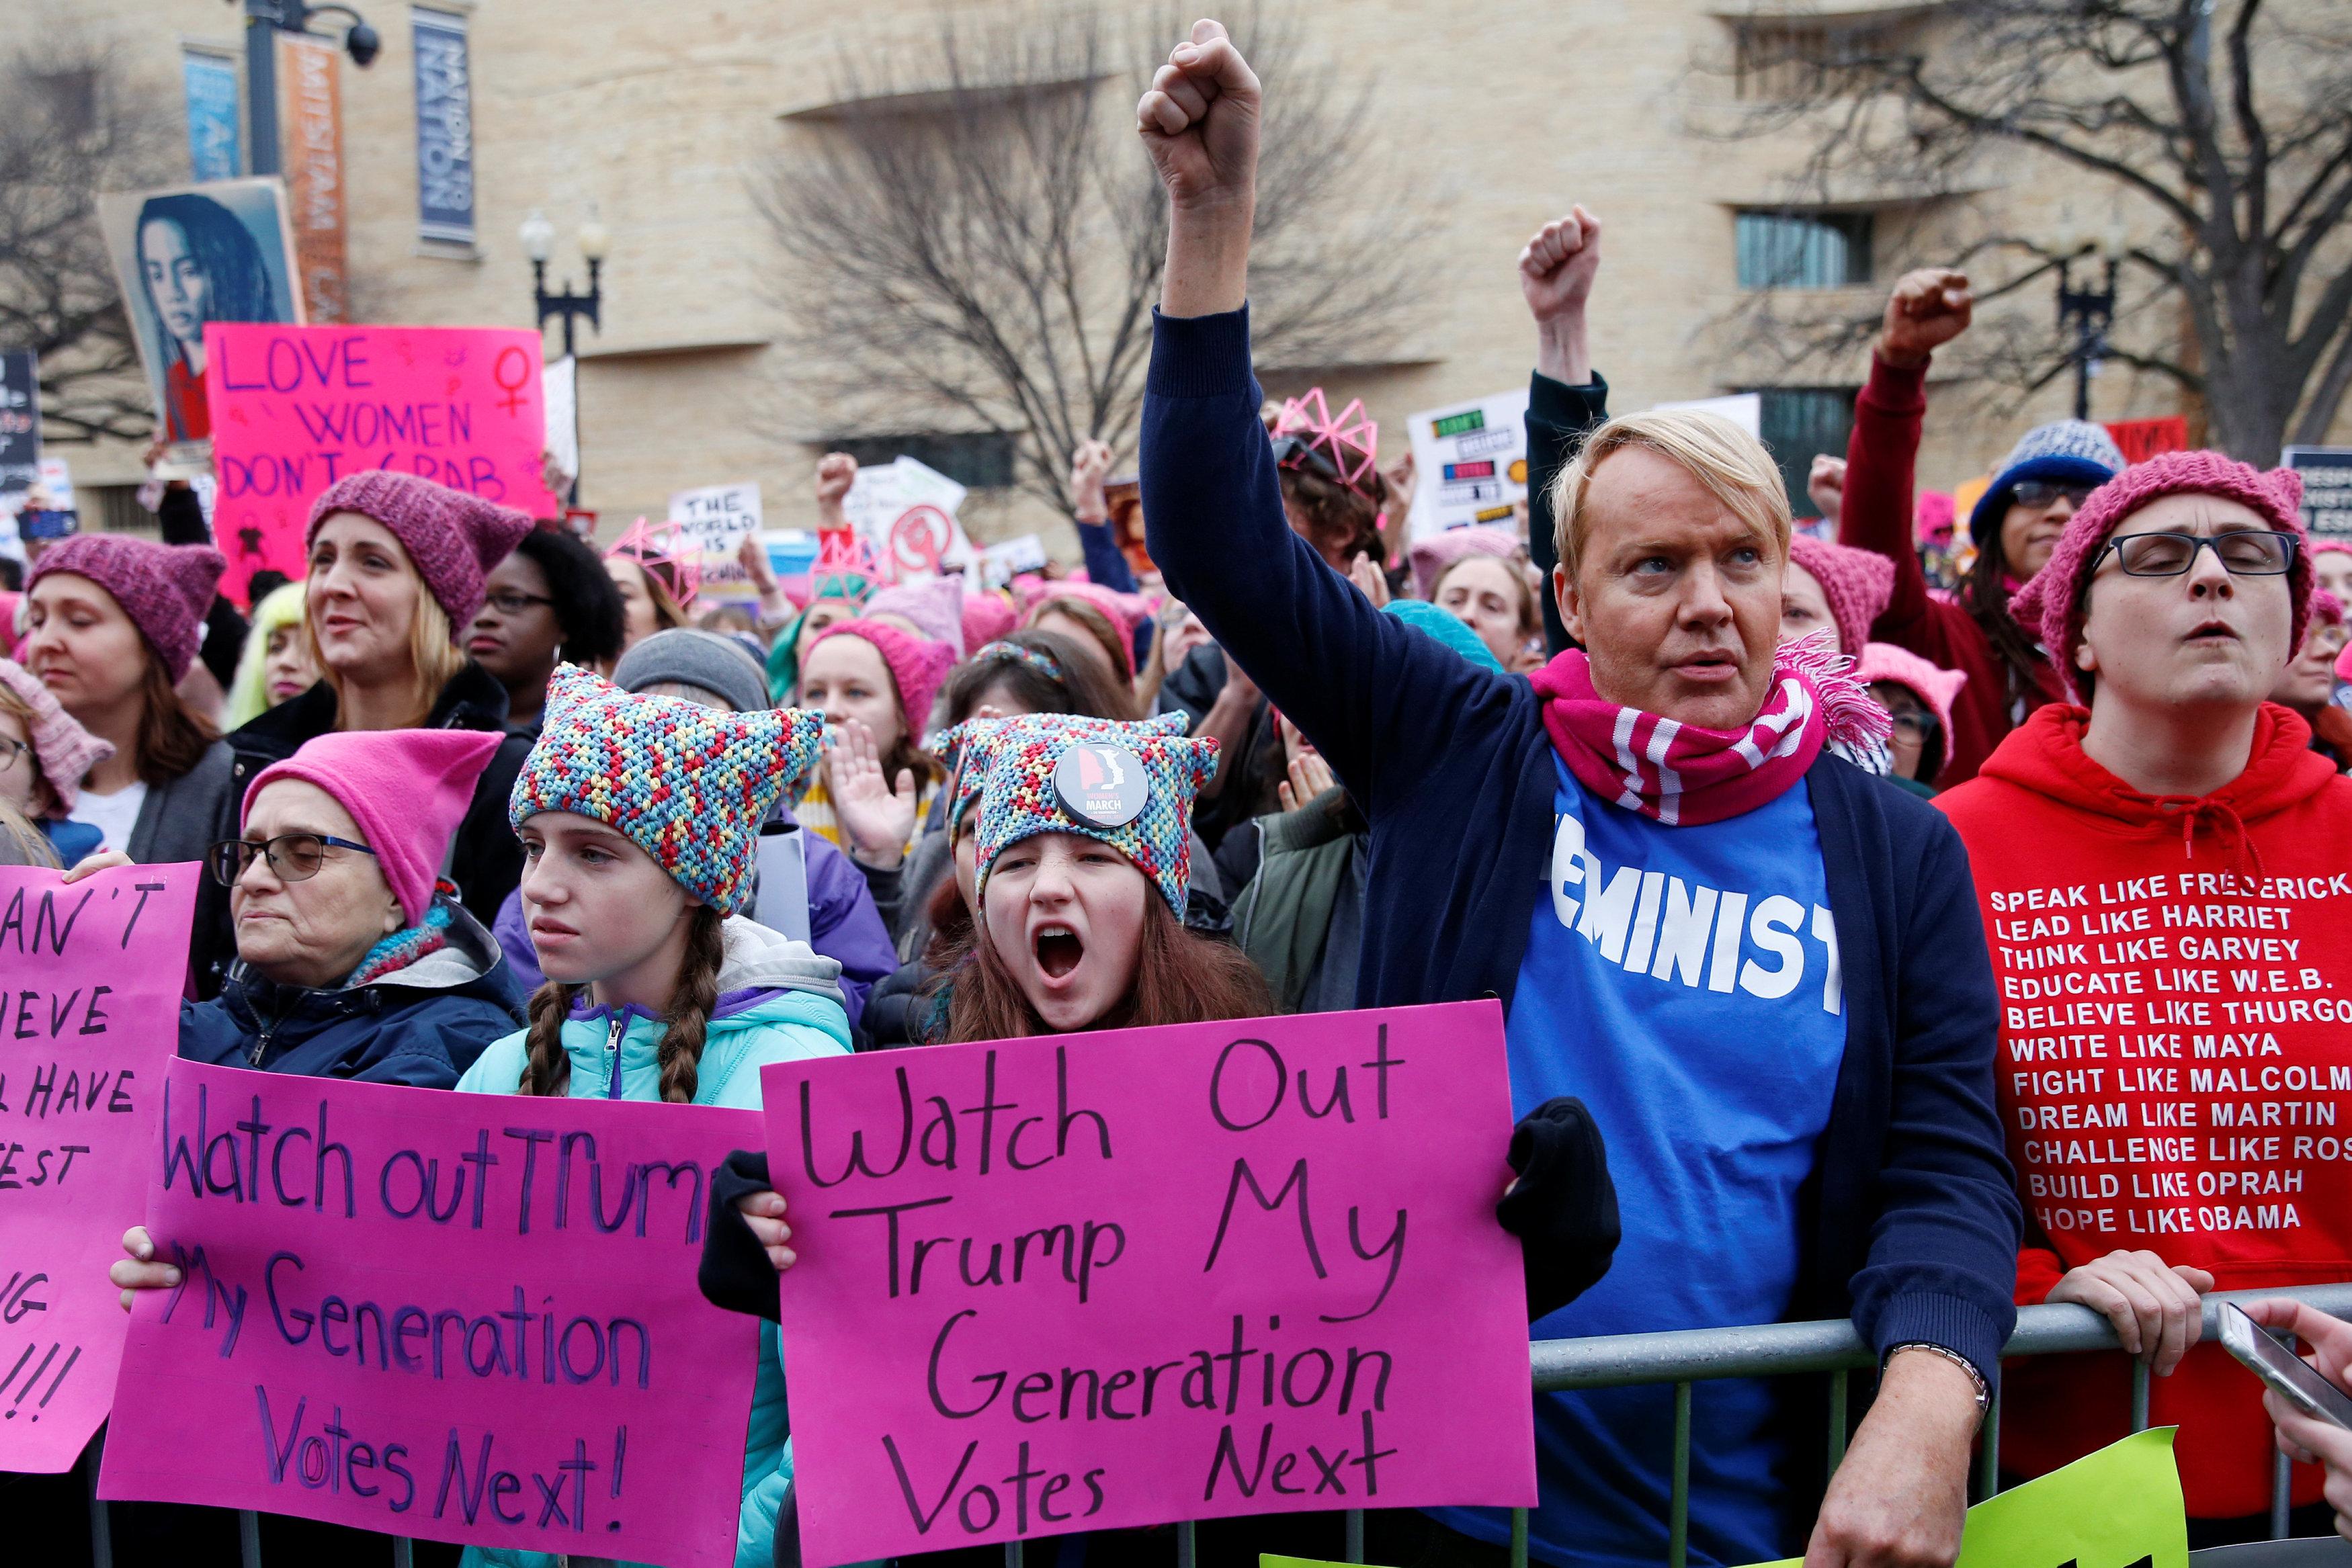 Картинки по запросу Шер на митинге против трампа